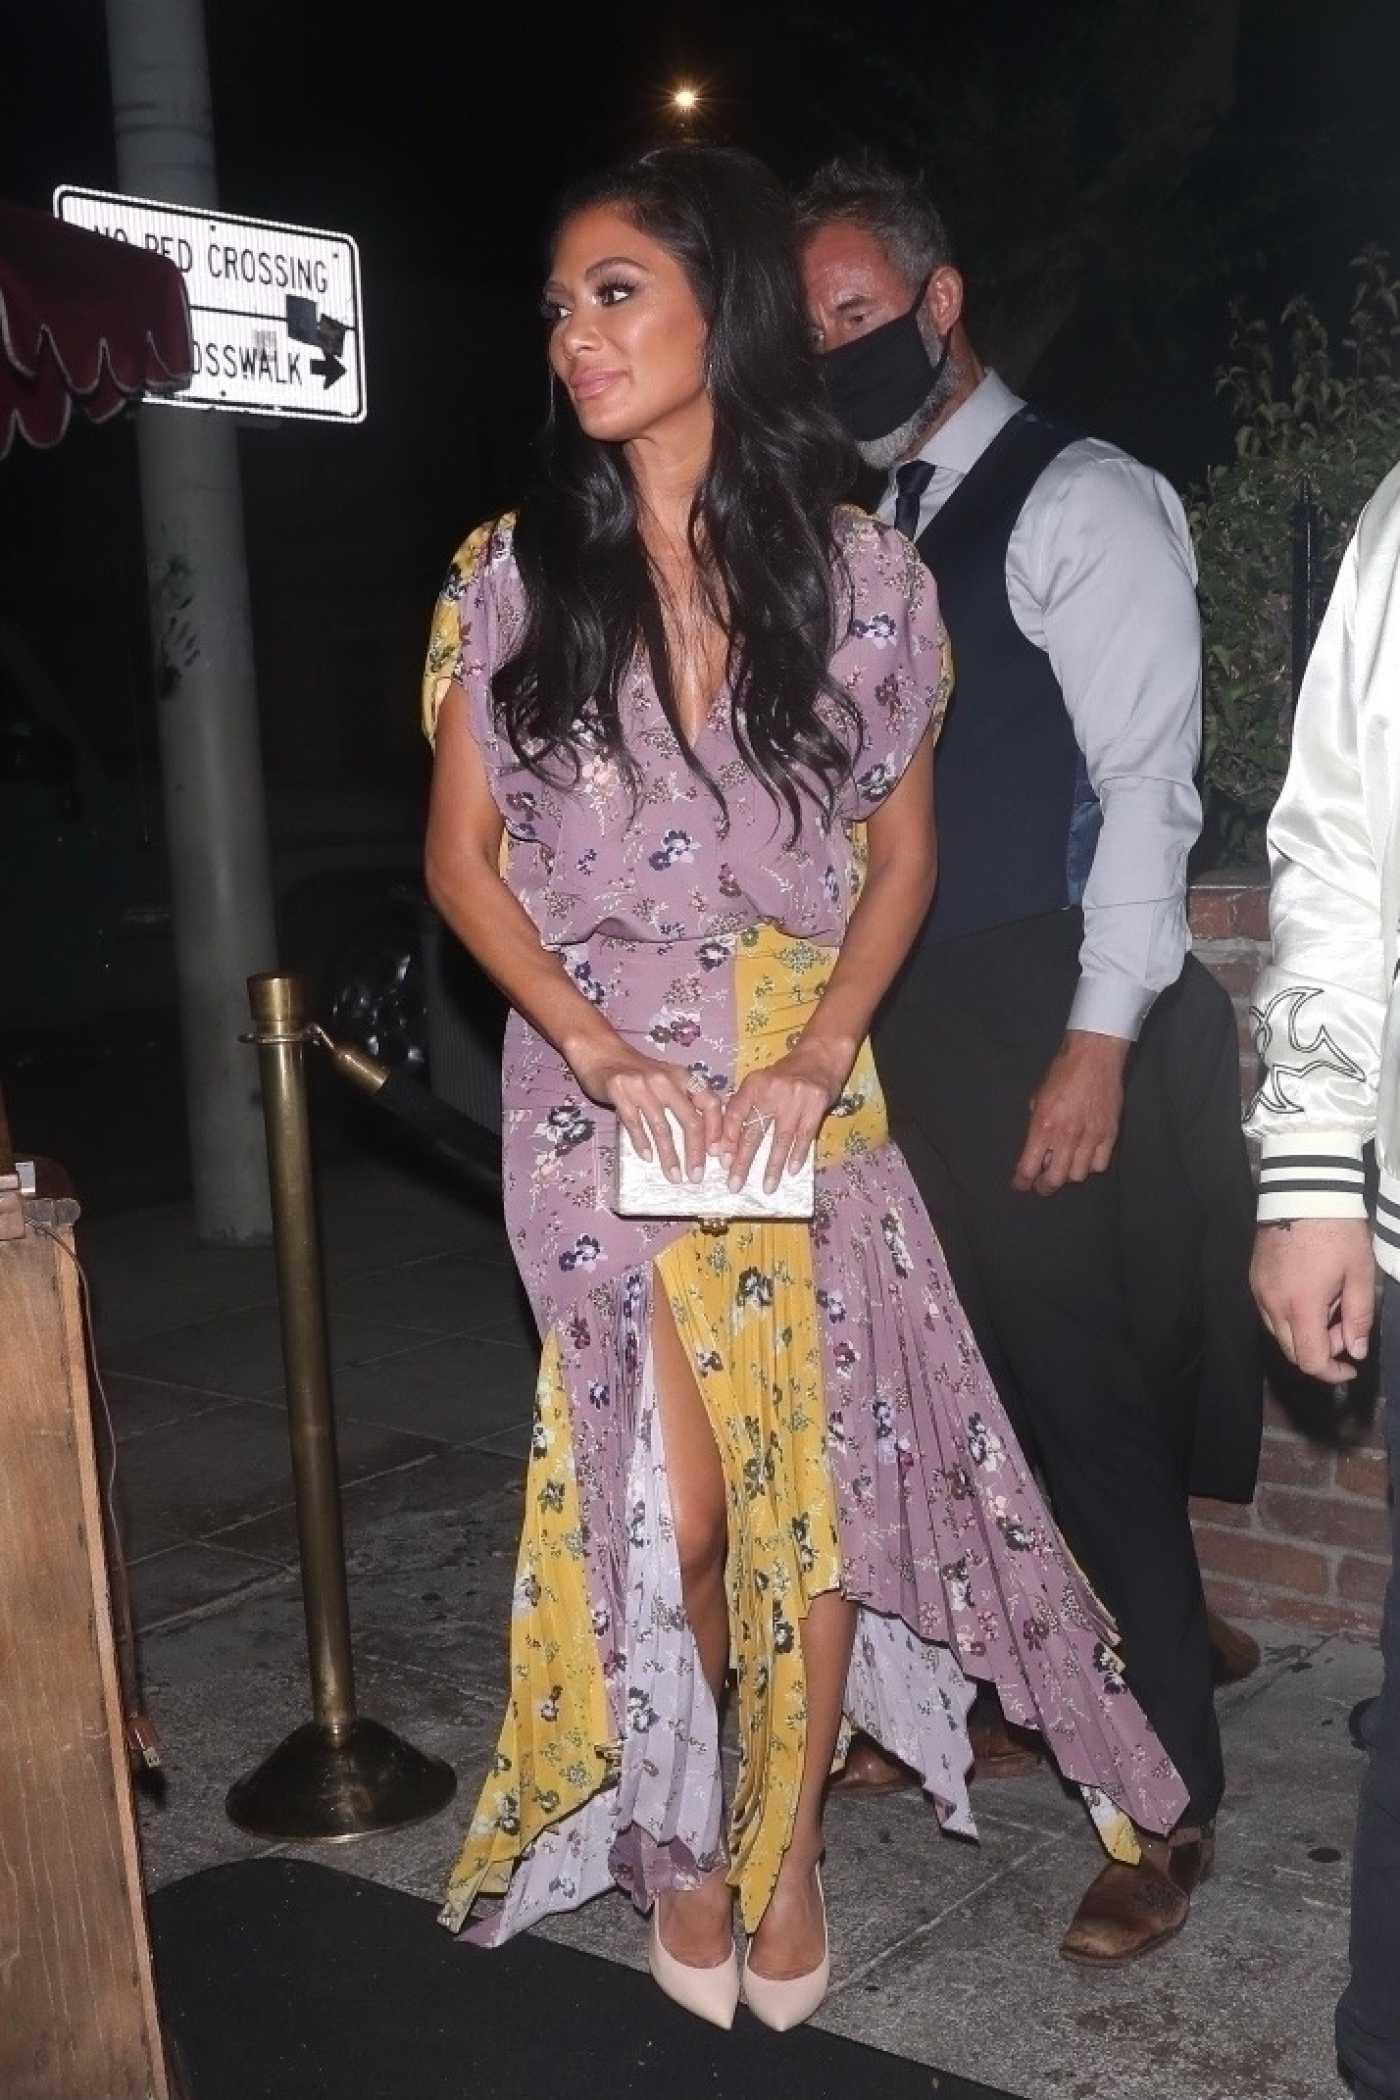 Nicole Scherzinger in a Floral Dress Arrives at Delilah in West Hollywood 08/02/2021